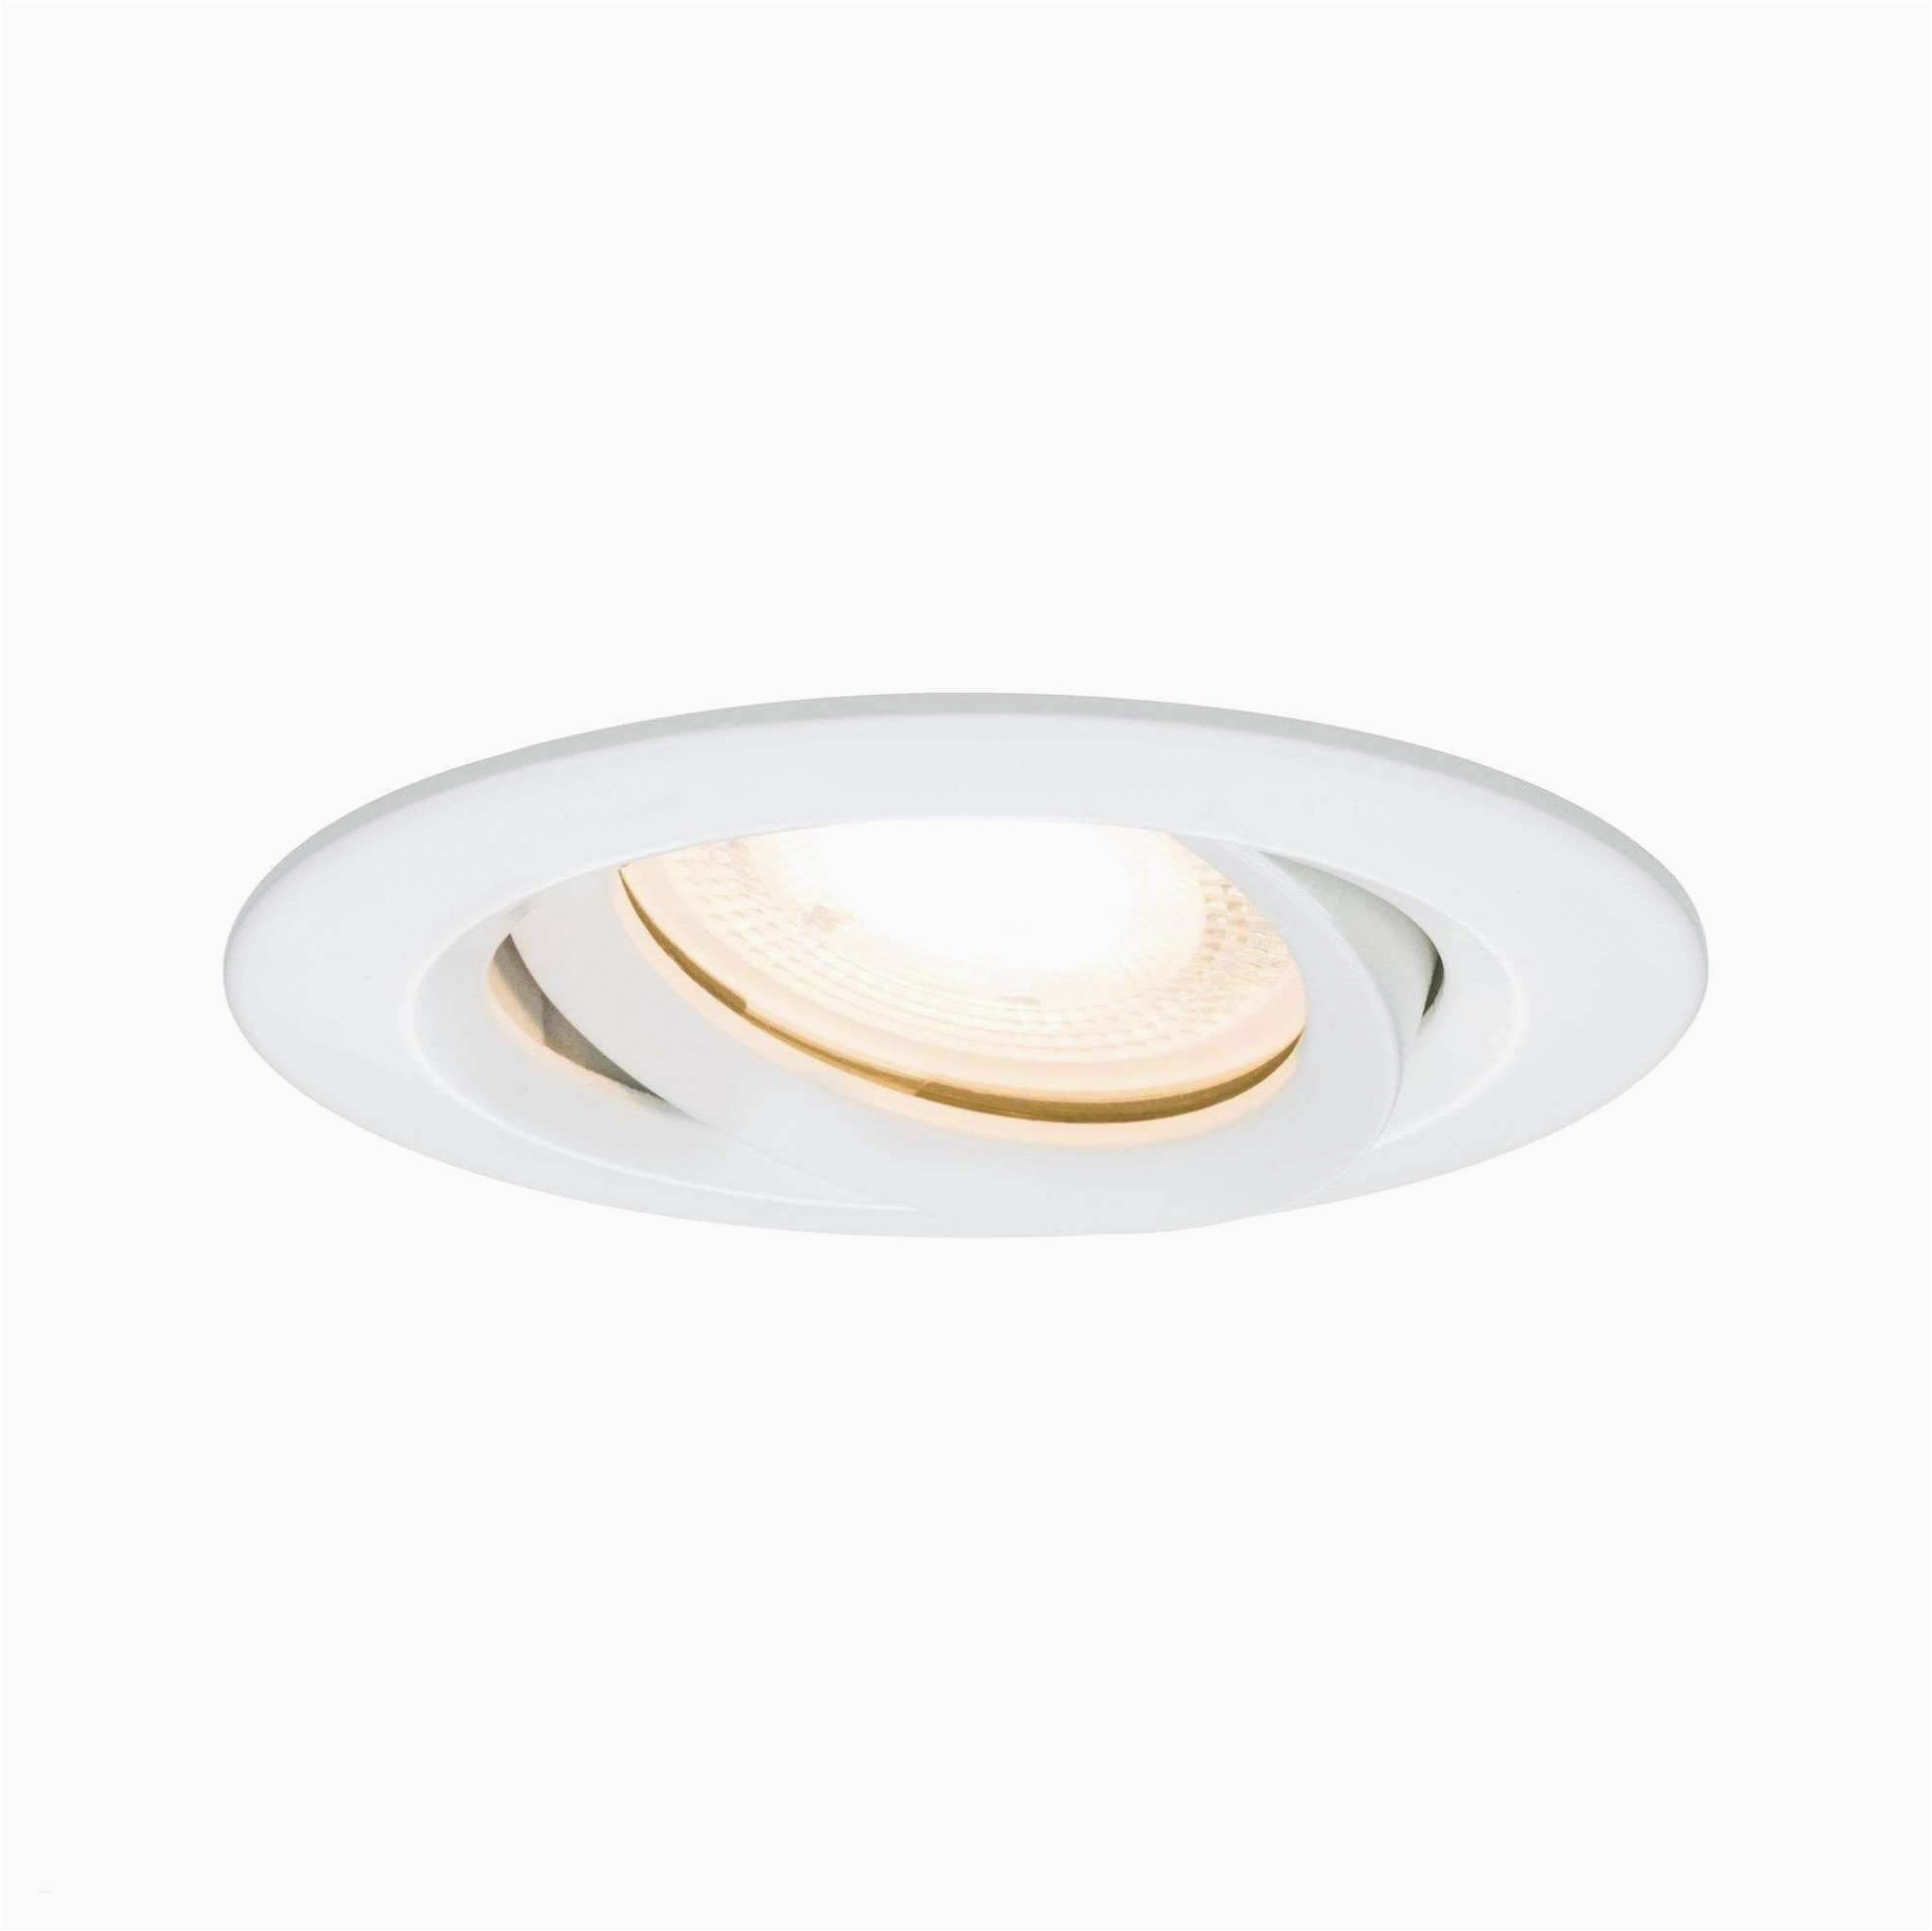 Badezimmer Lampe Akku Leuchte Wohnzimmer Neu Led Deckenleuchte Schlafzimmer Frisch